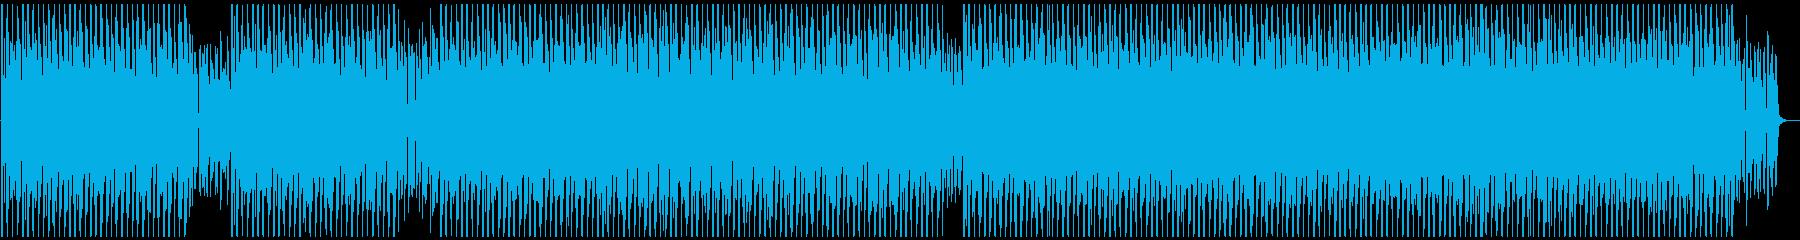 【ファンク】バラエティ/軽快/コミカルの再生済みの波形